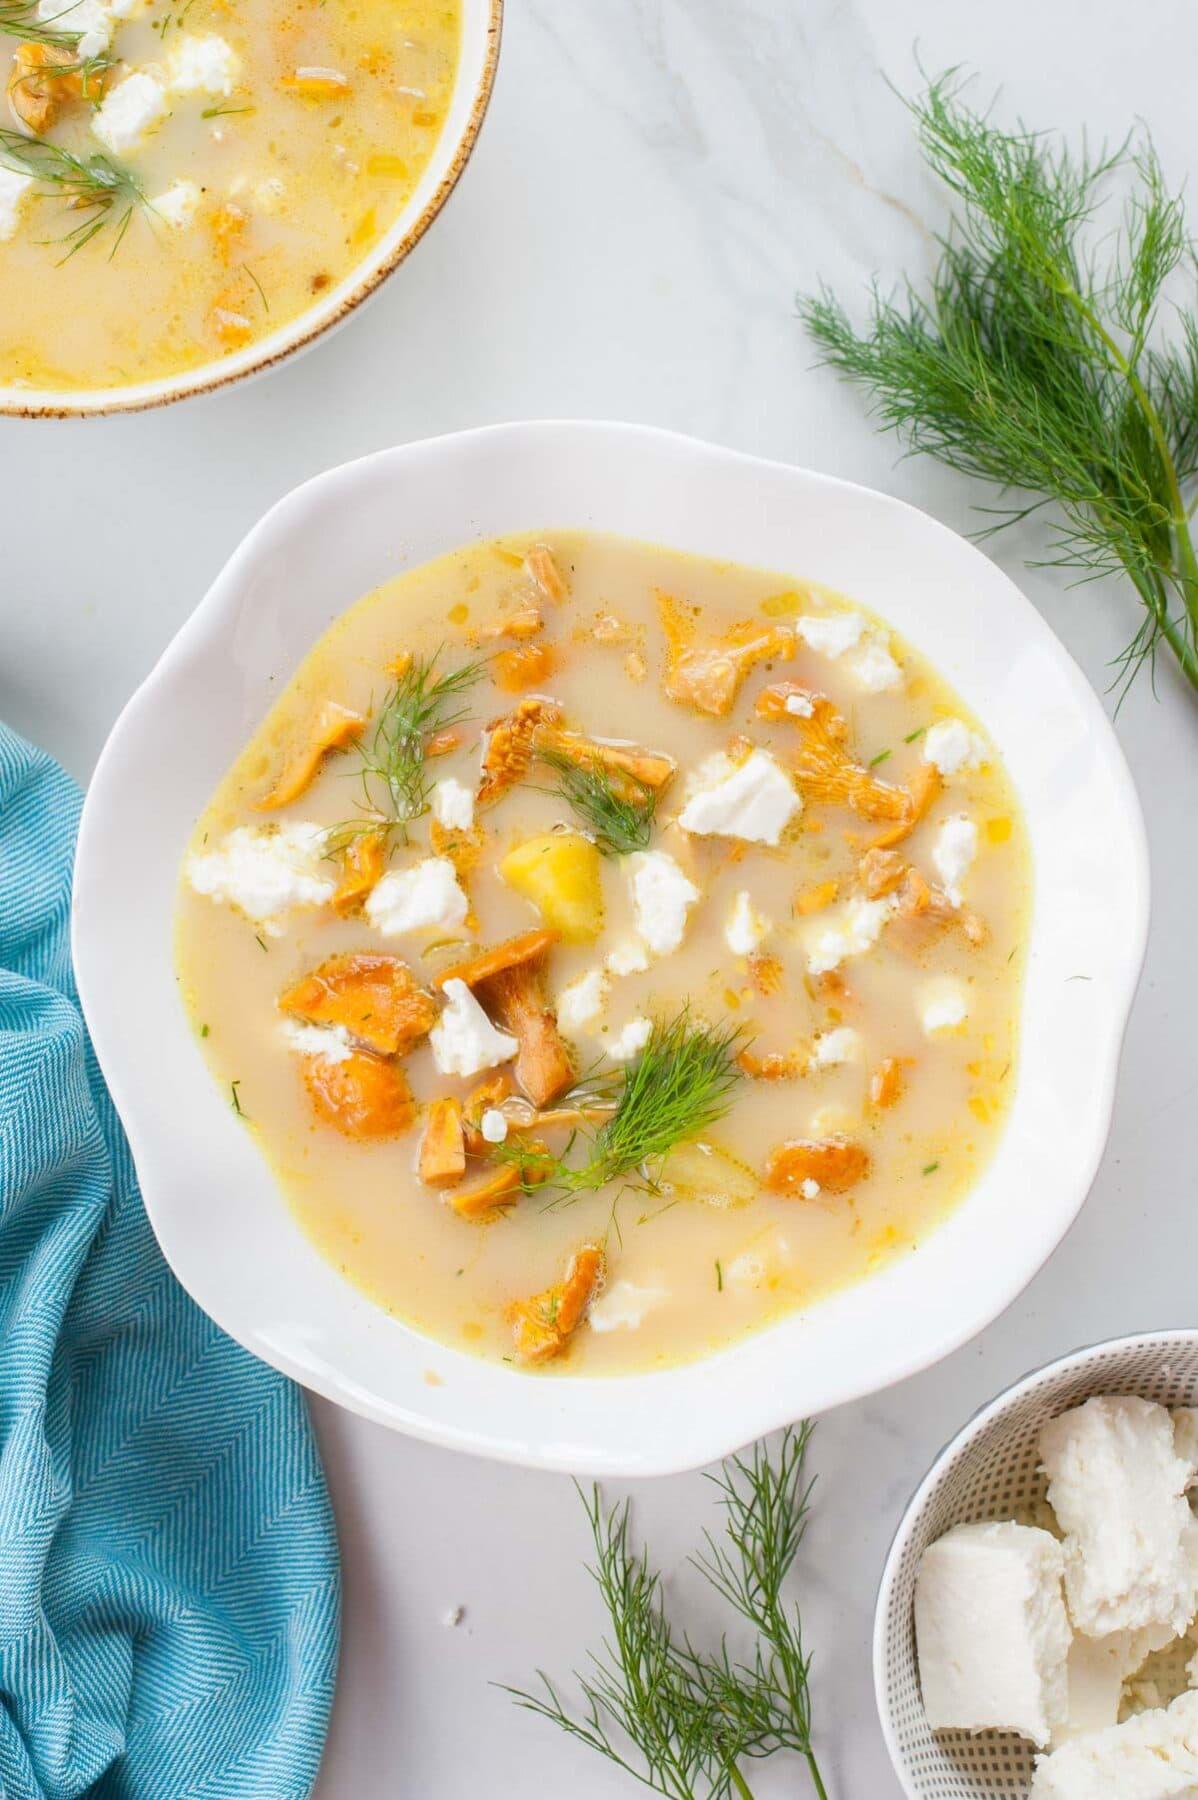 zupa kurkowa w białym talerzu, wokół talerza koperek i ser feta